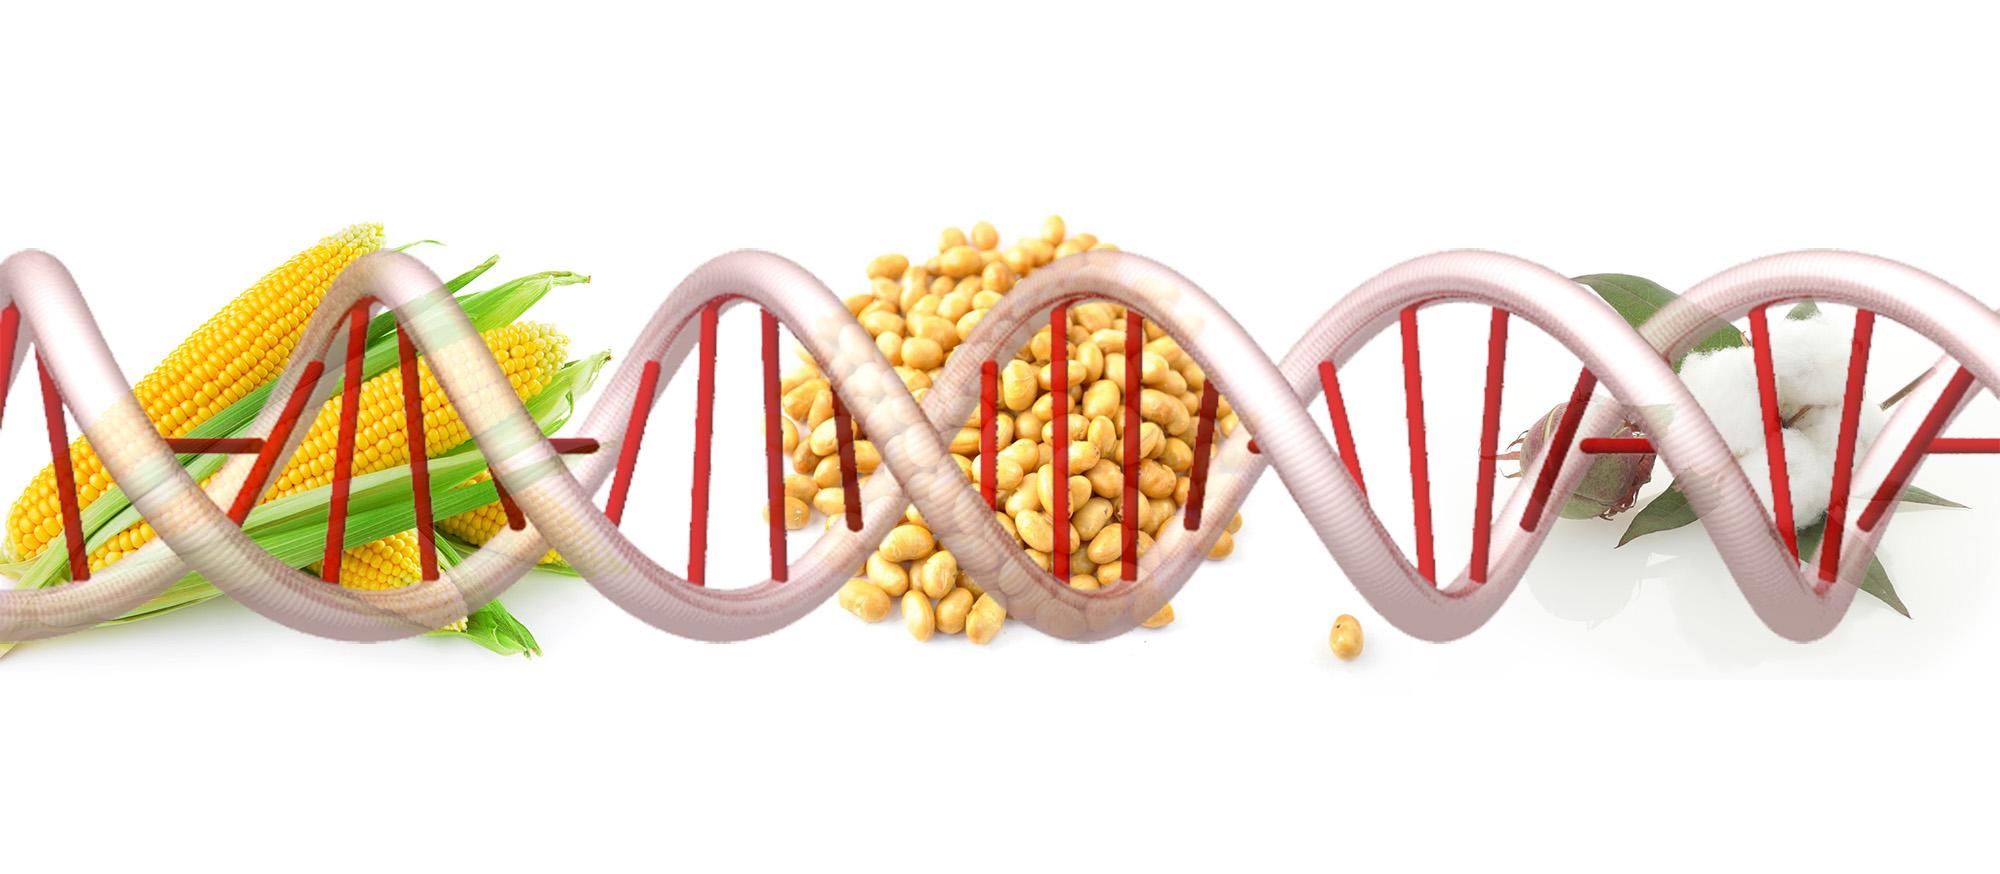 Генетически модифицированные продукты.Общие сведения.